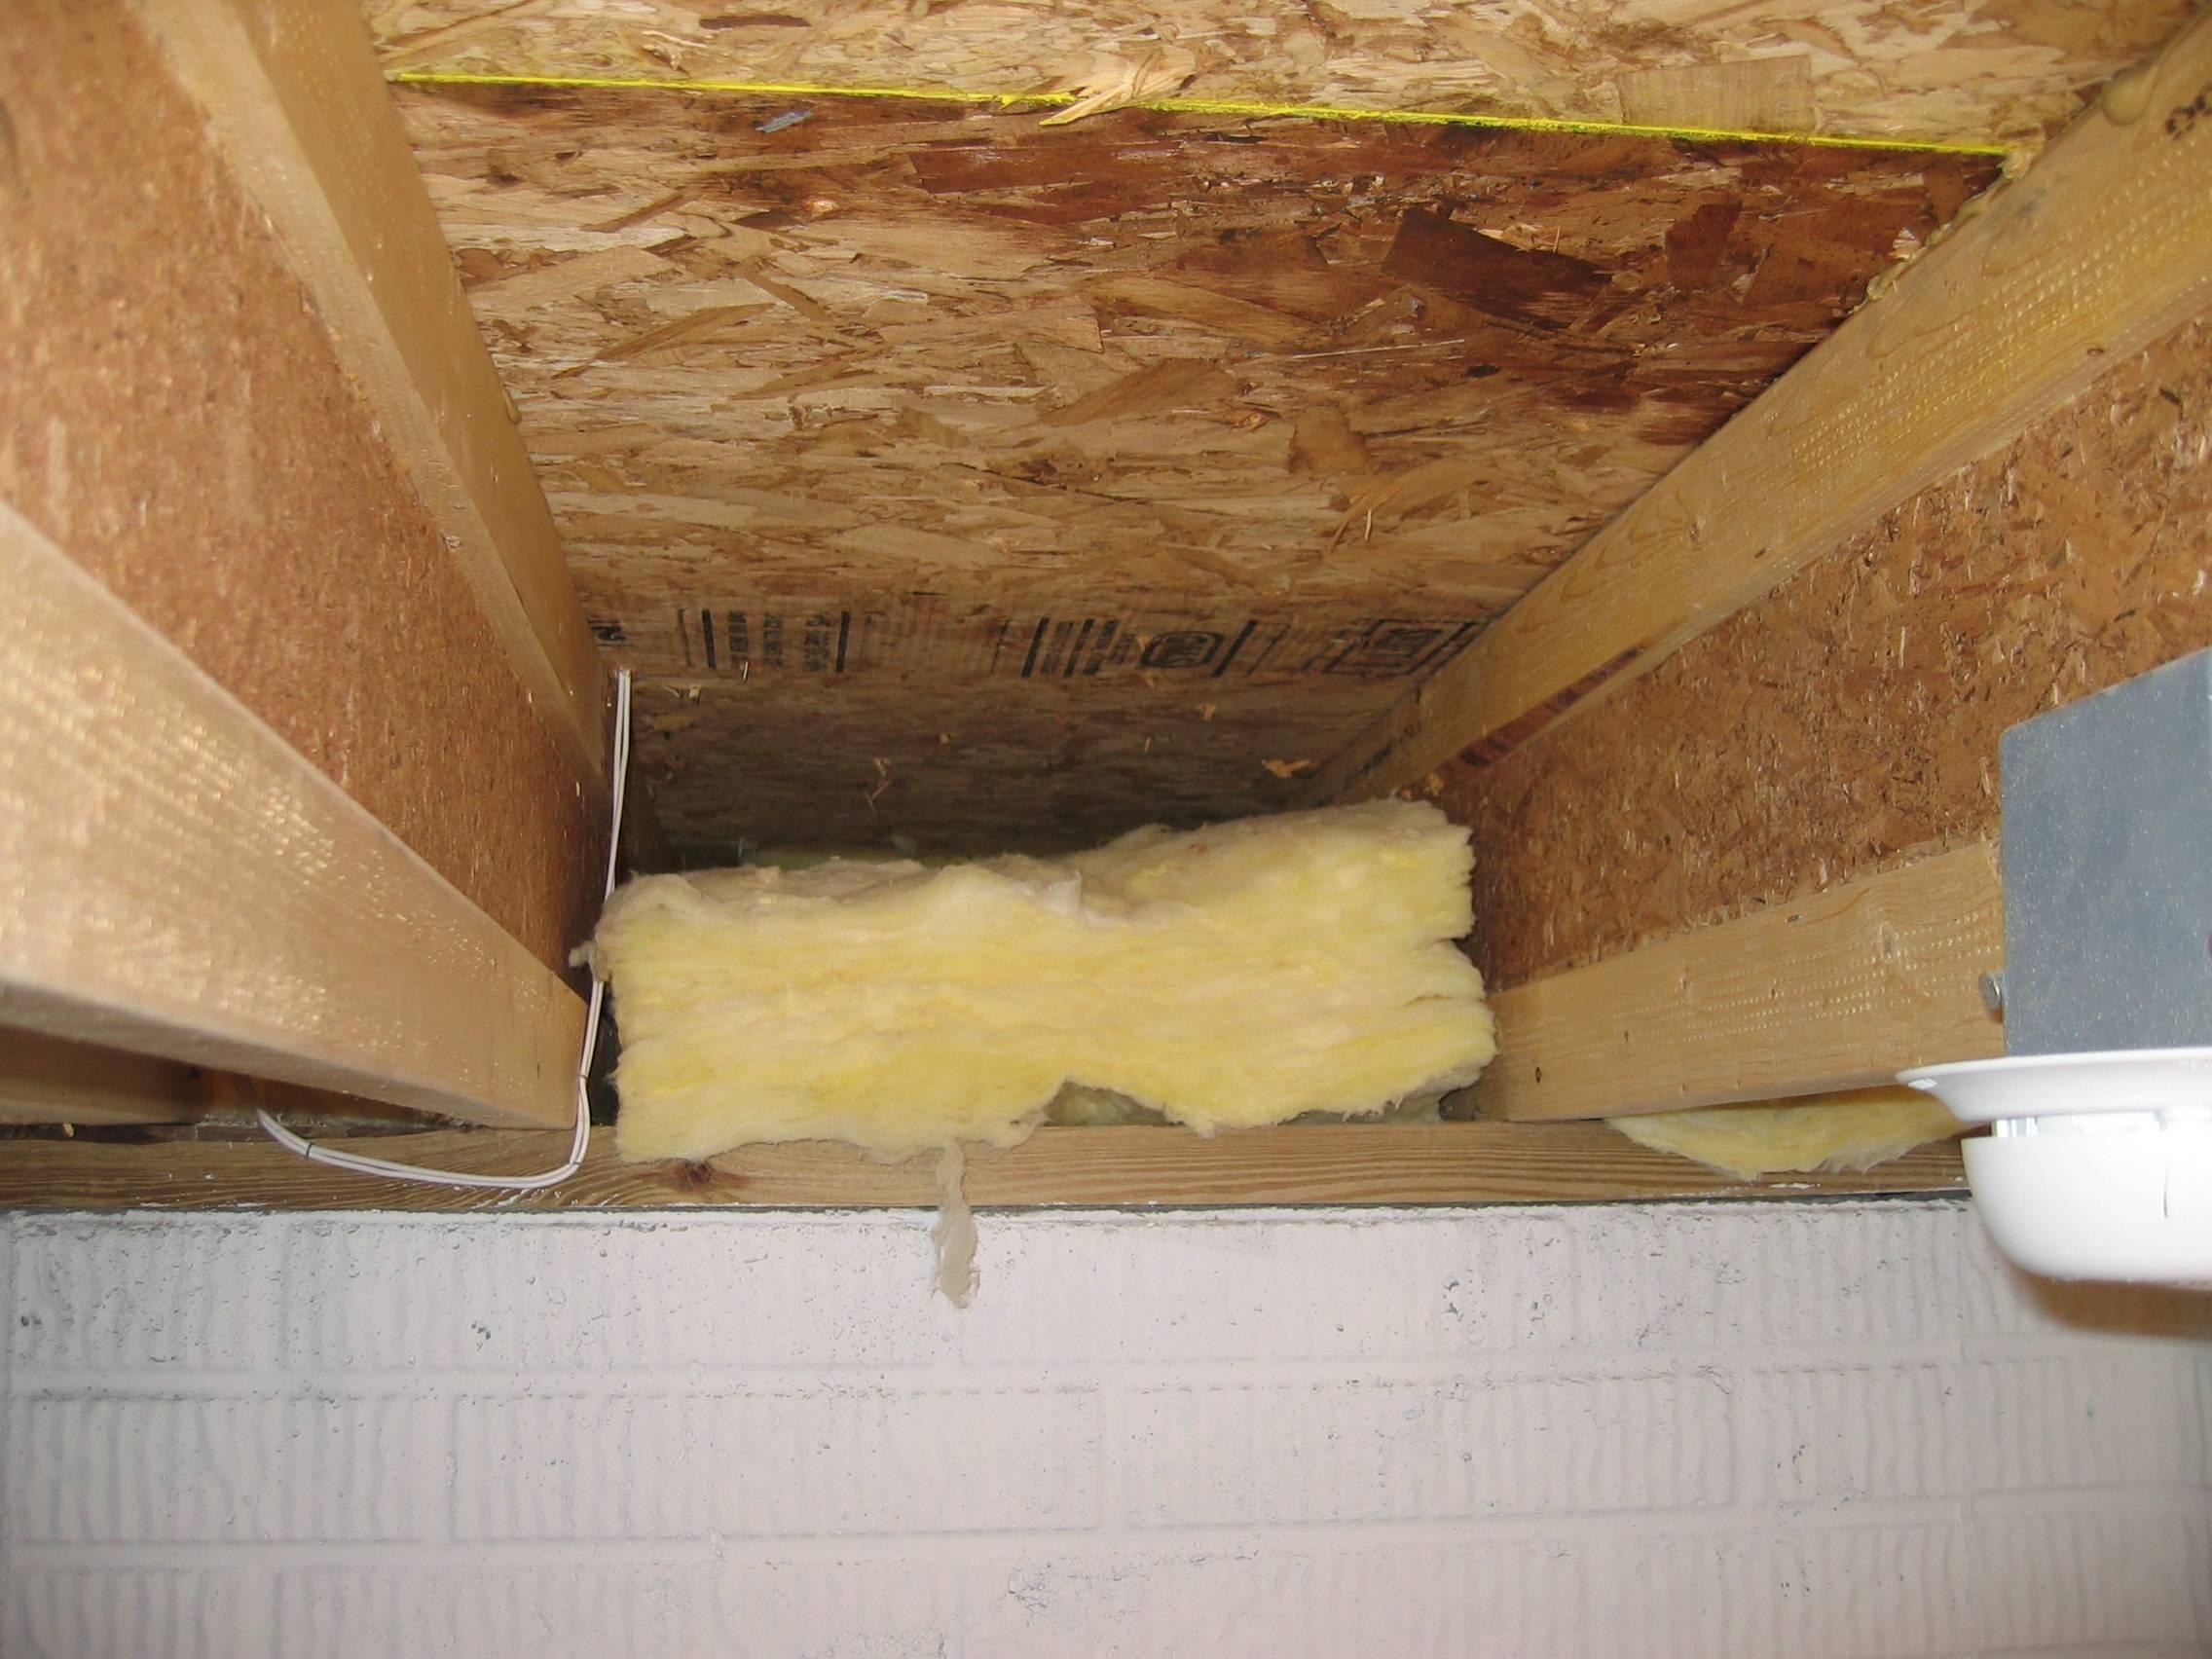 Как утеплить потолок в бане своими руками - пошаговая инструкция